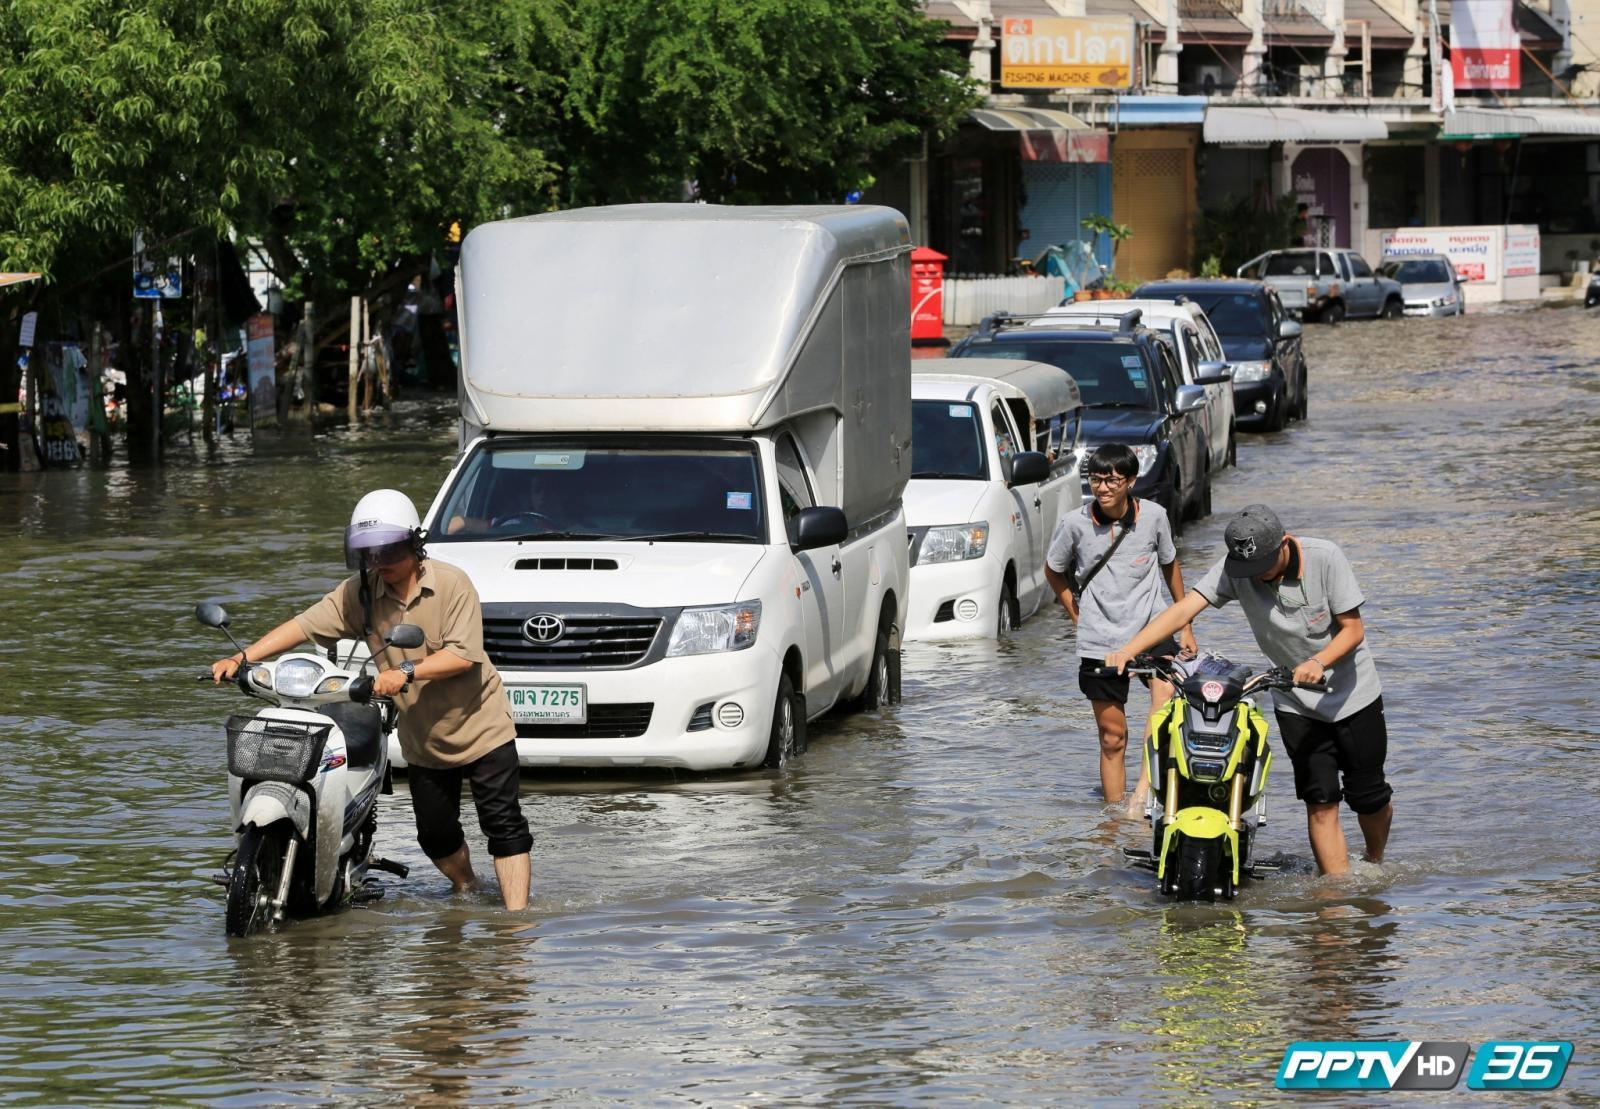 ซ.สามัคคี นนทบุรี อ่วม!! น้ำท่วมรอการระบาย (คลิป)